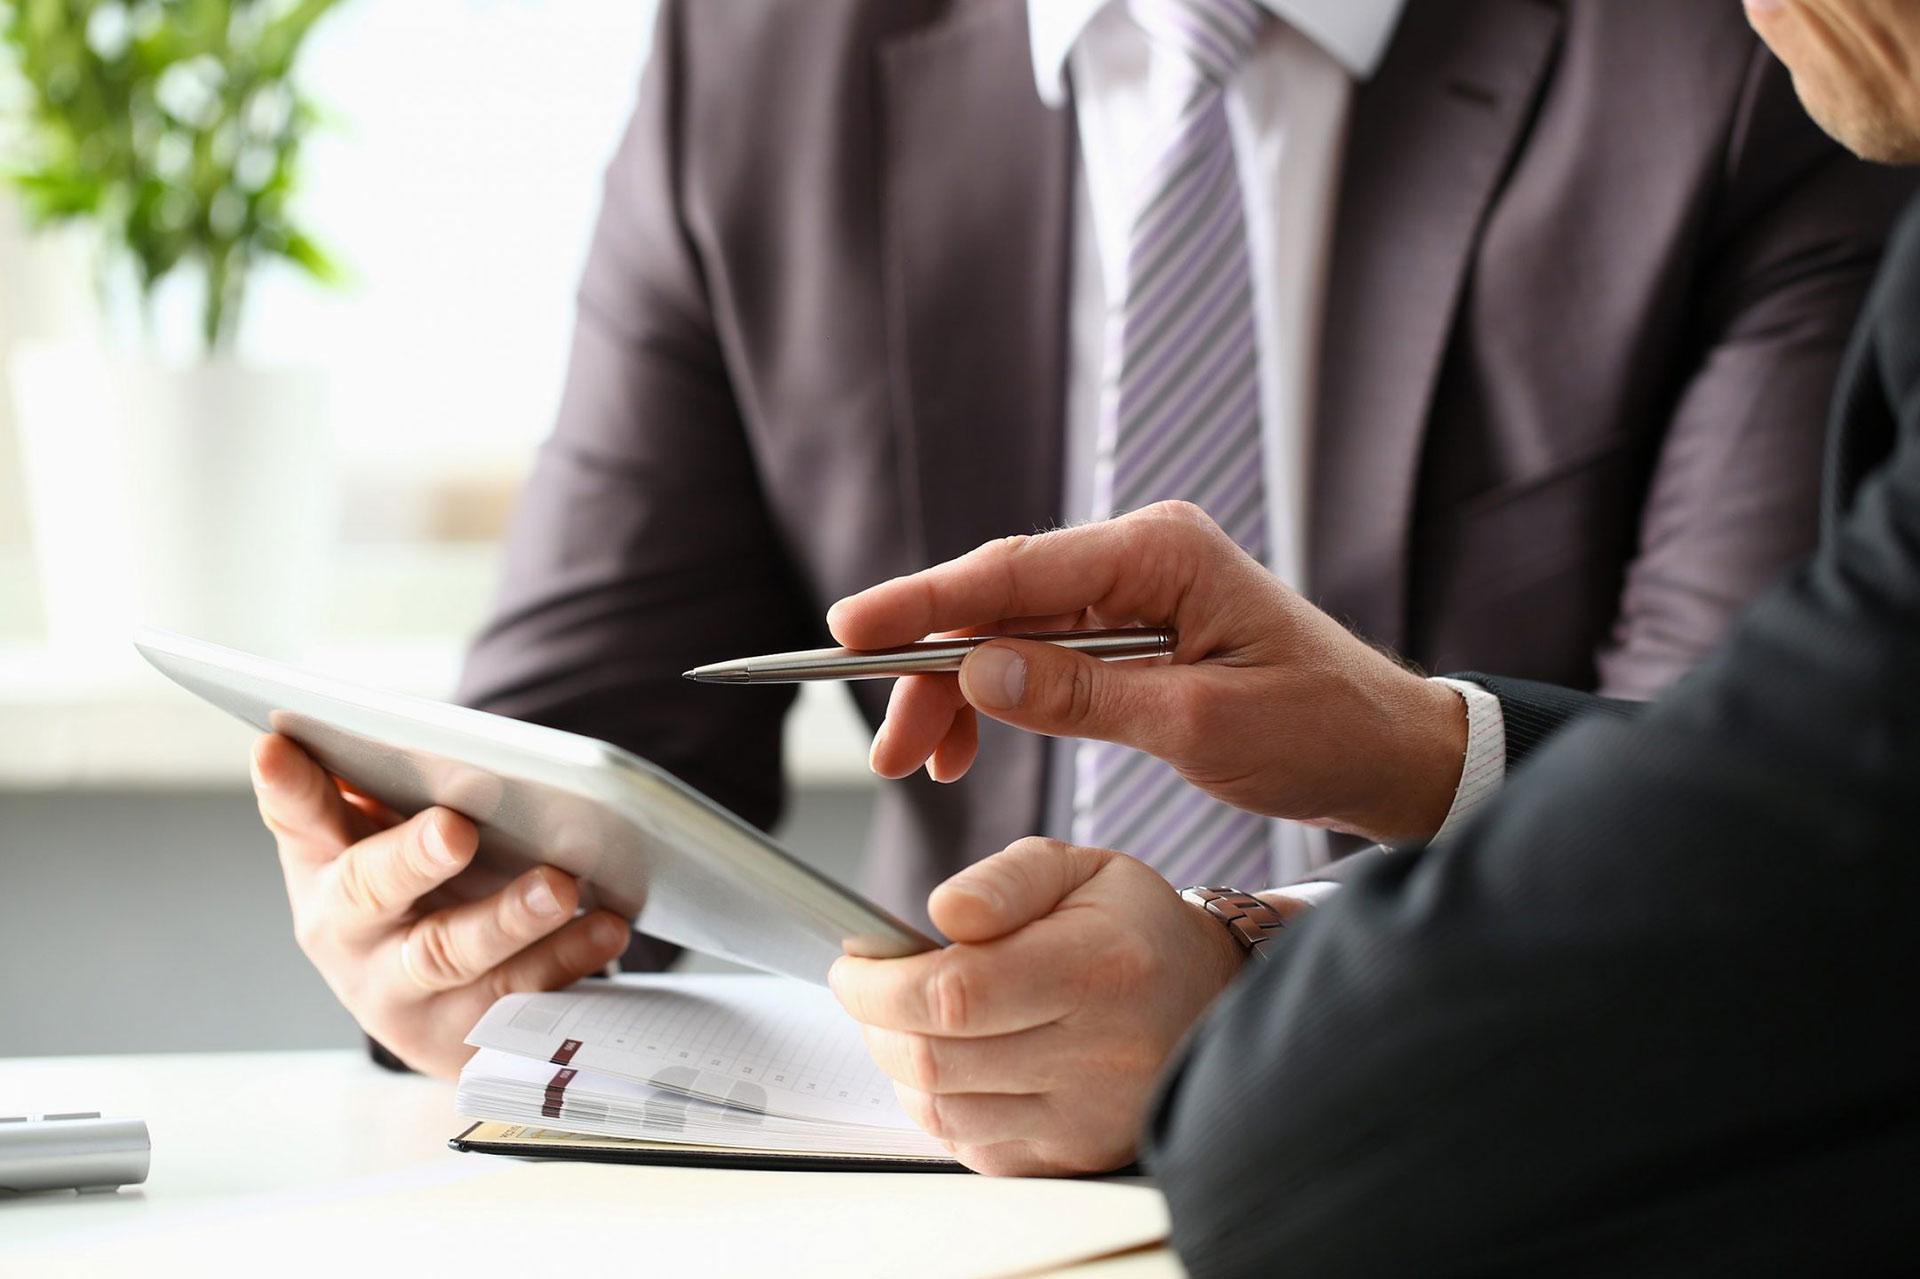 Бесплатный вебинар: Как не провалить запуск CRM? Чек-лист разбора бизнеса перед внедрением